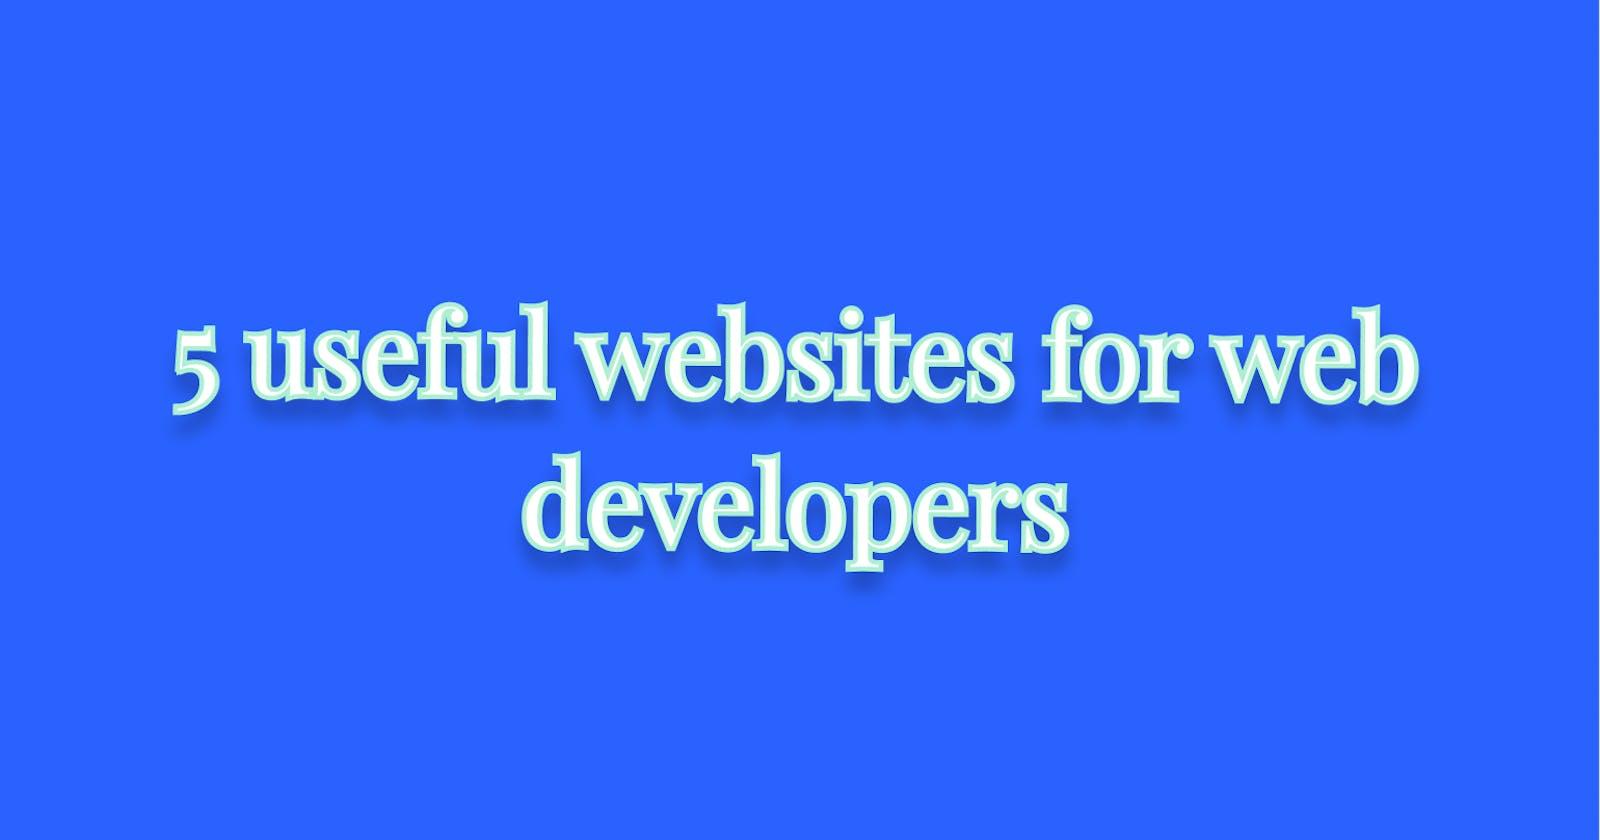 5 useful websites for web developers